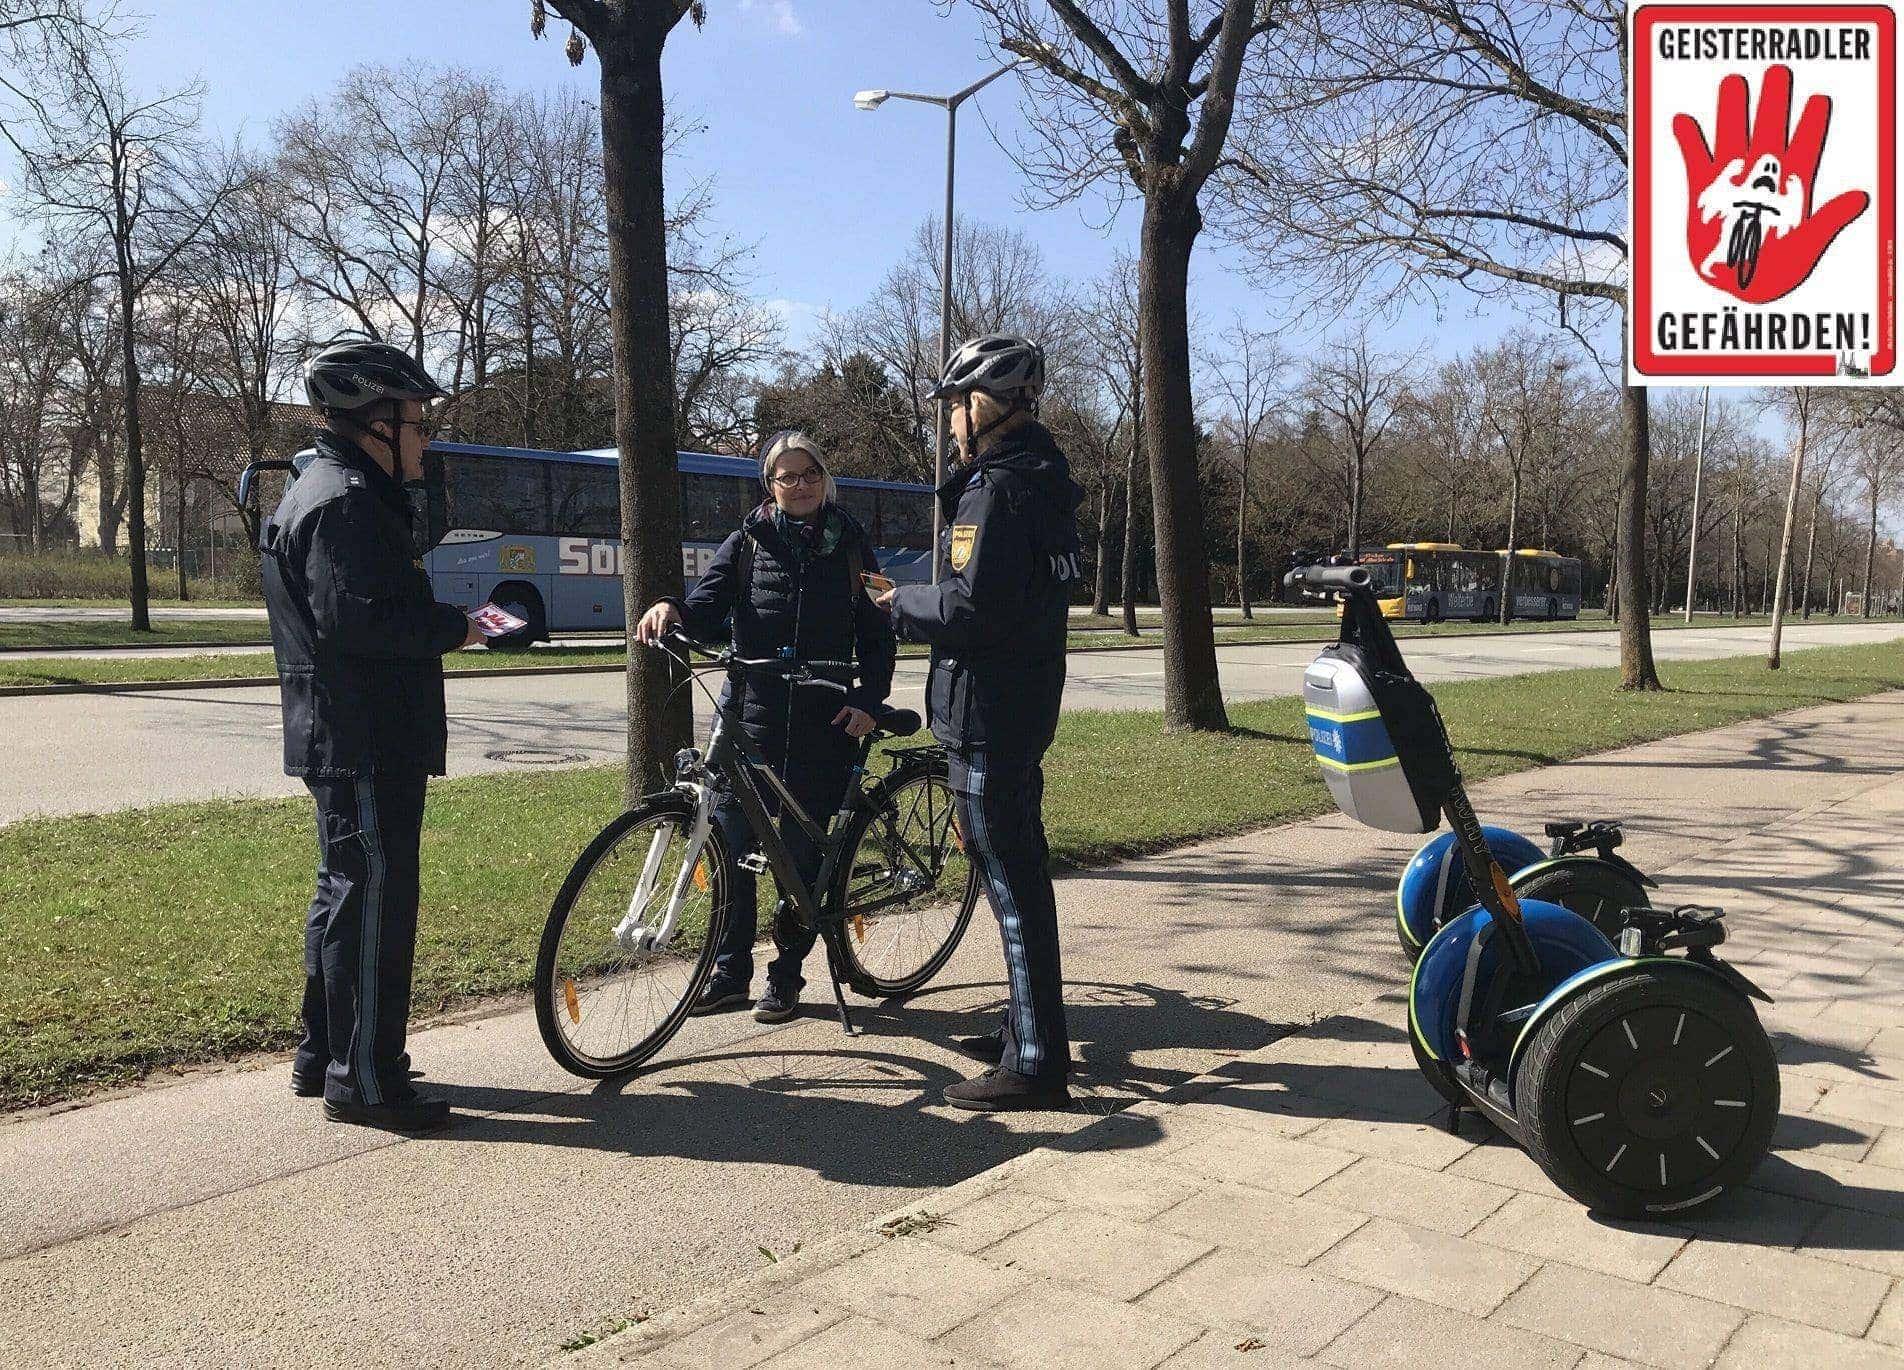 Fahrradkontrollen in Regensburg